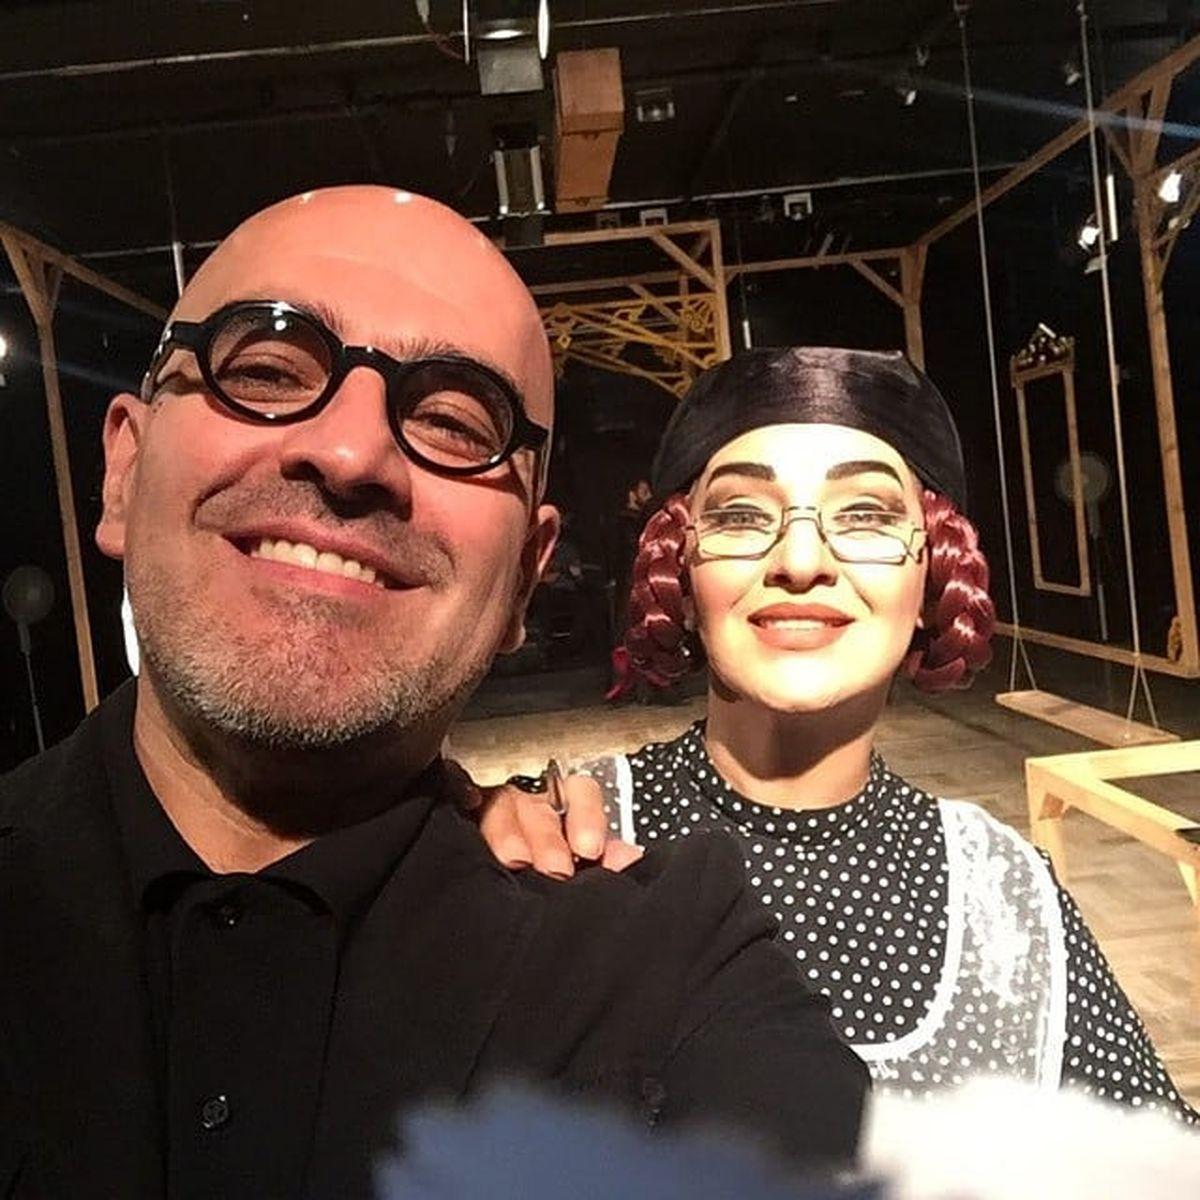 رویا نونهالی بدون حجاب و موهای شرابی در کنار همسرش + عکس